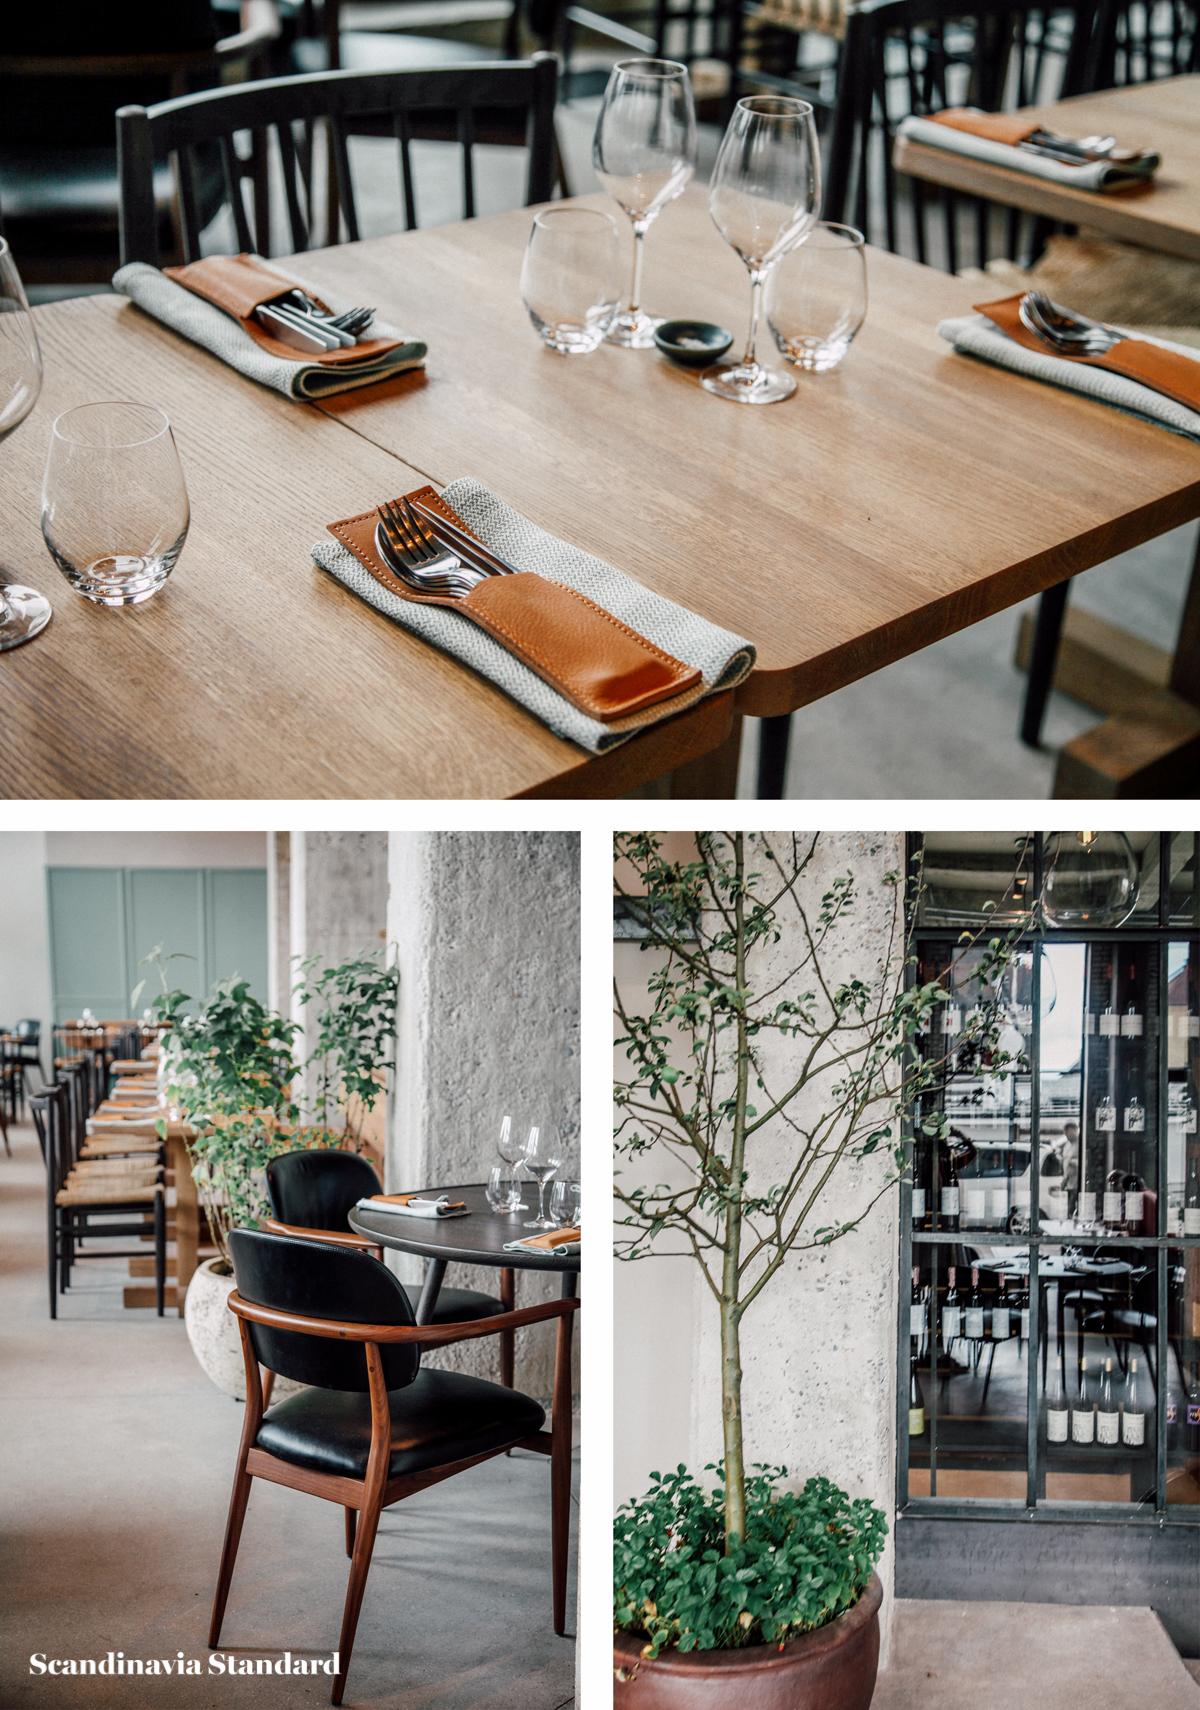 Restaurant 108 - Collage 1 - Copenhagen | Scandianvia Standard